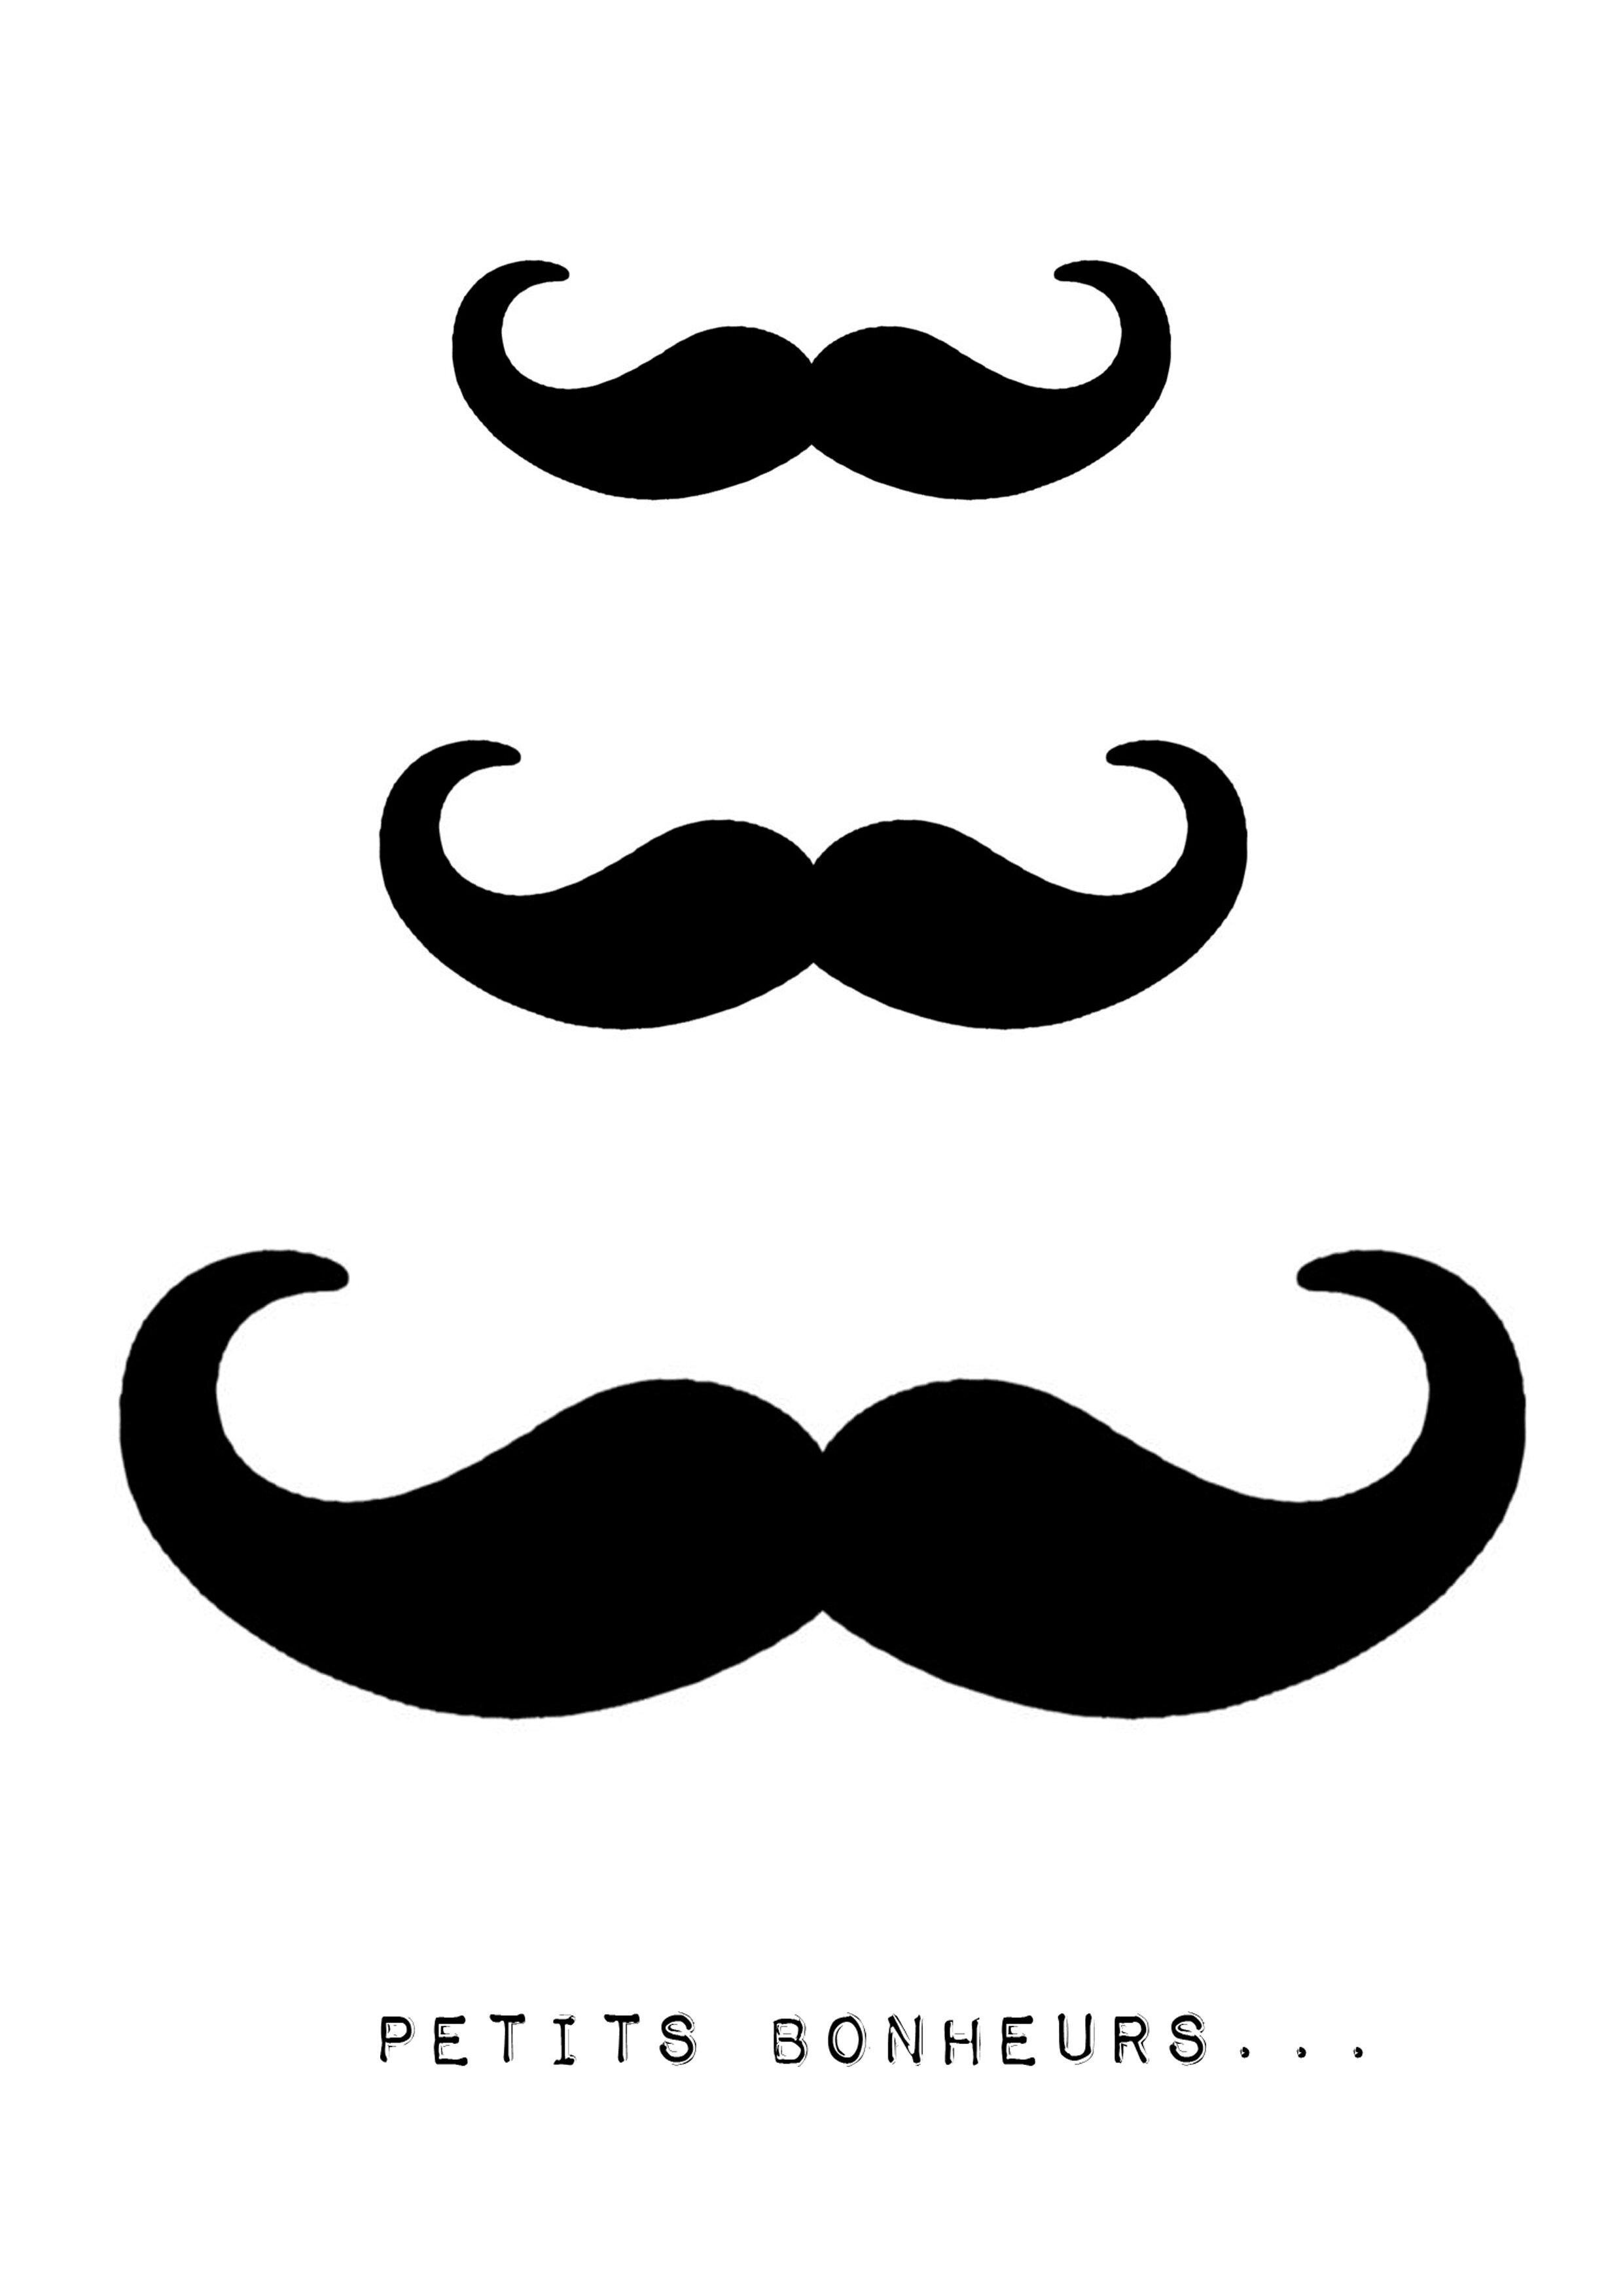 Moustache 4 petits bonheurs - Dessin de moustache ...